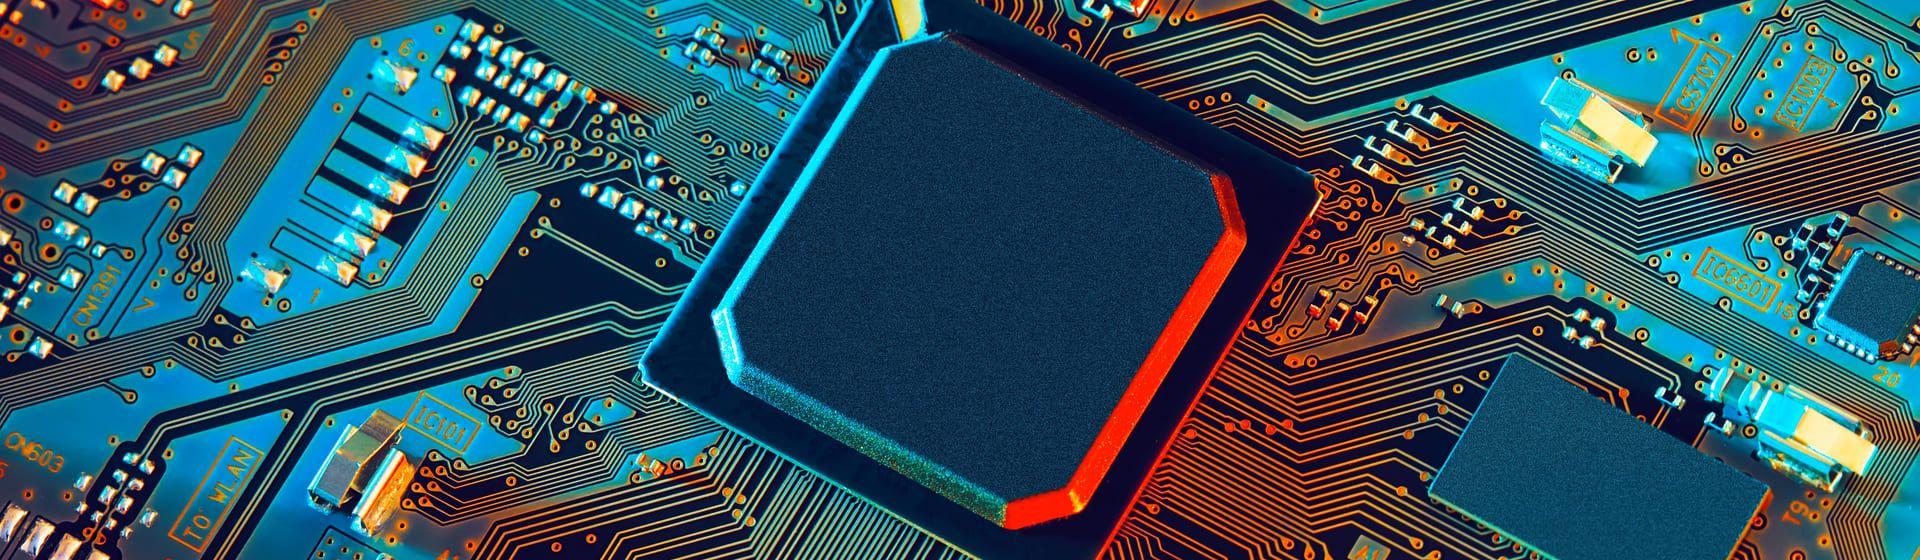 Como fazer overclock em processador, placa de vídeo e memória RAM?